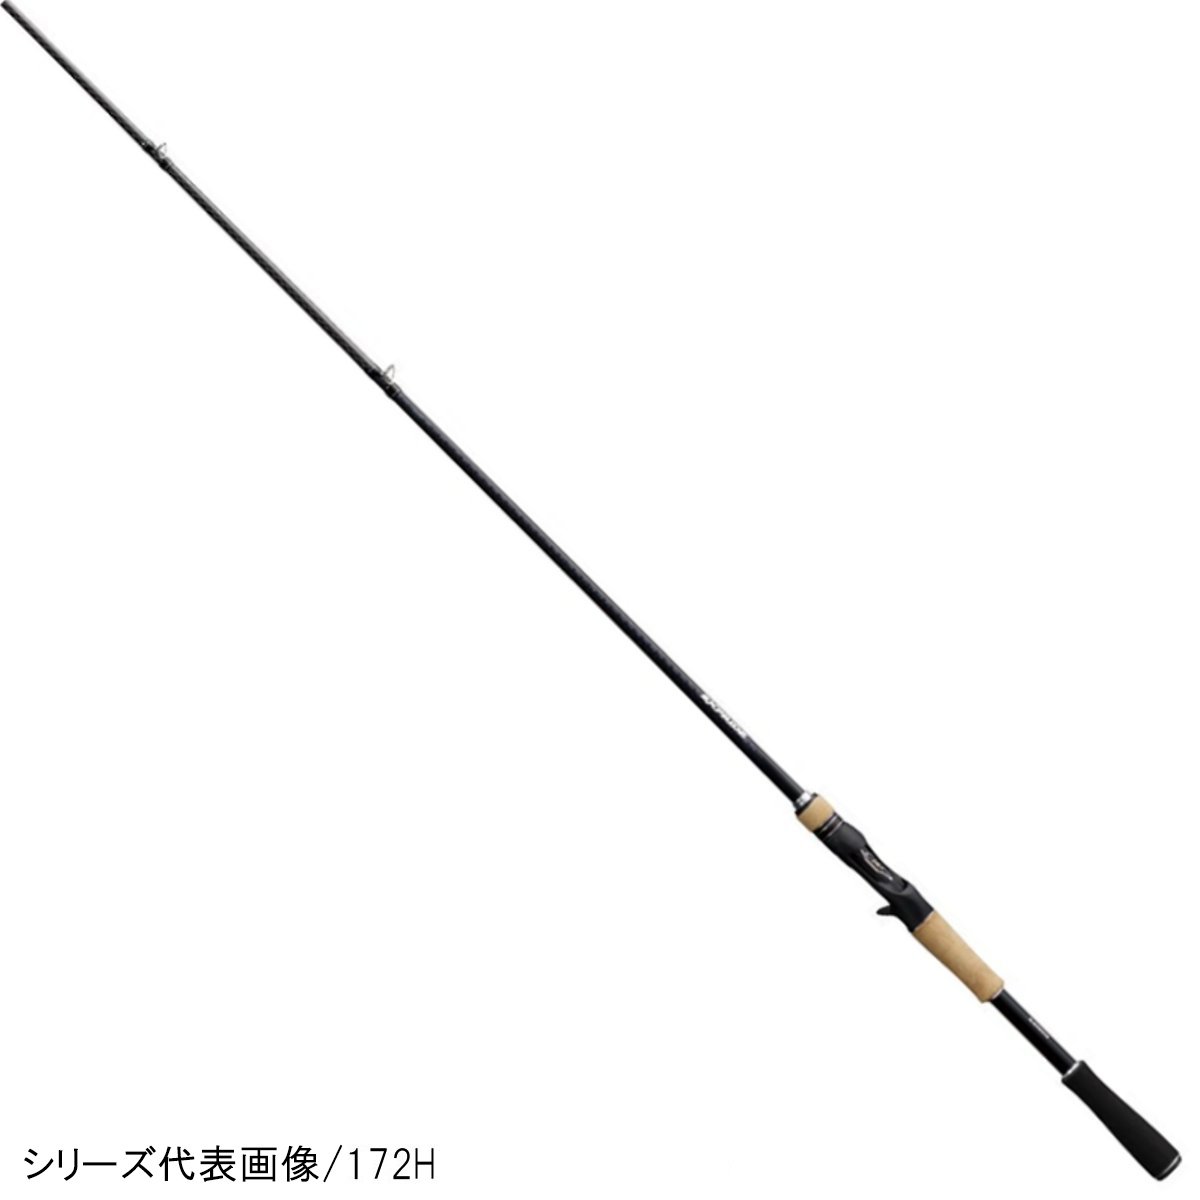 シマノ エクスプライド 166ML-2【送料無料】